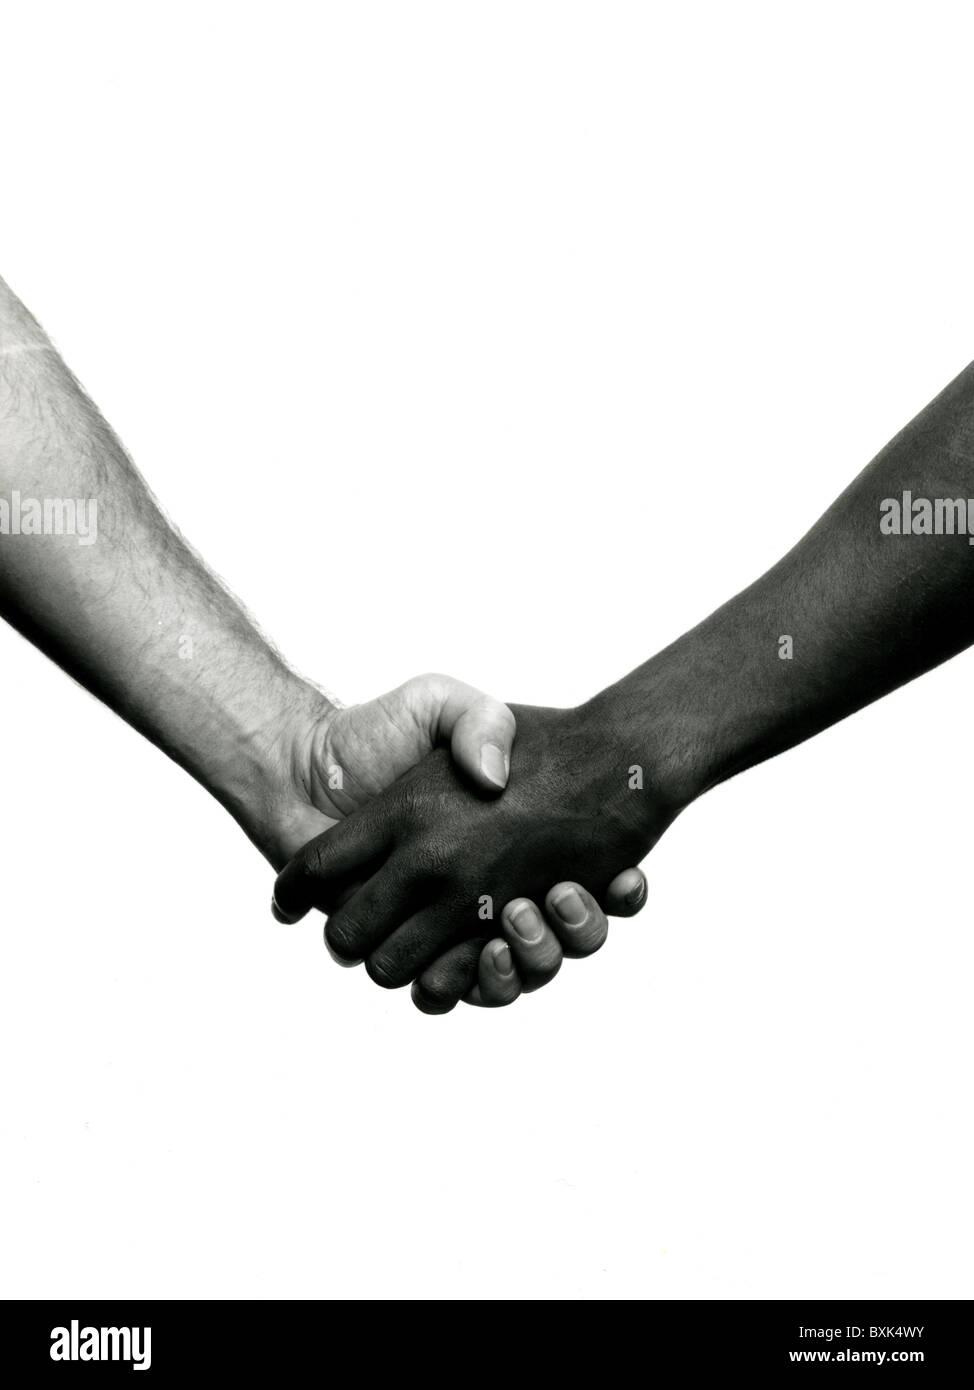 B&w photo de deux hommes, les mains serrant seulement; un homme noir et un homme blanc; poignée Photo Stock